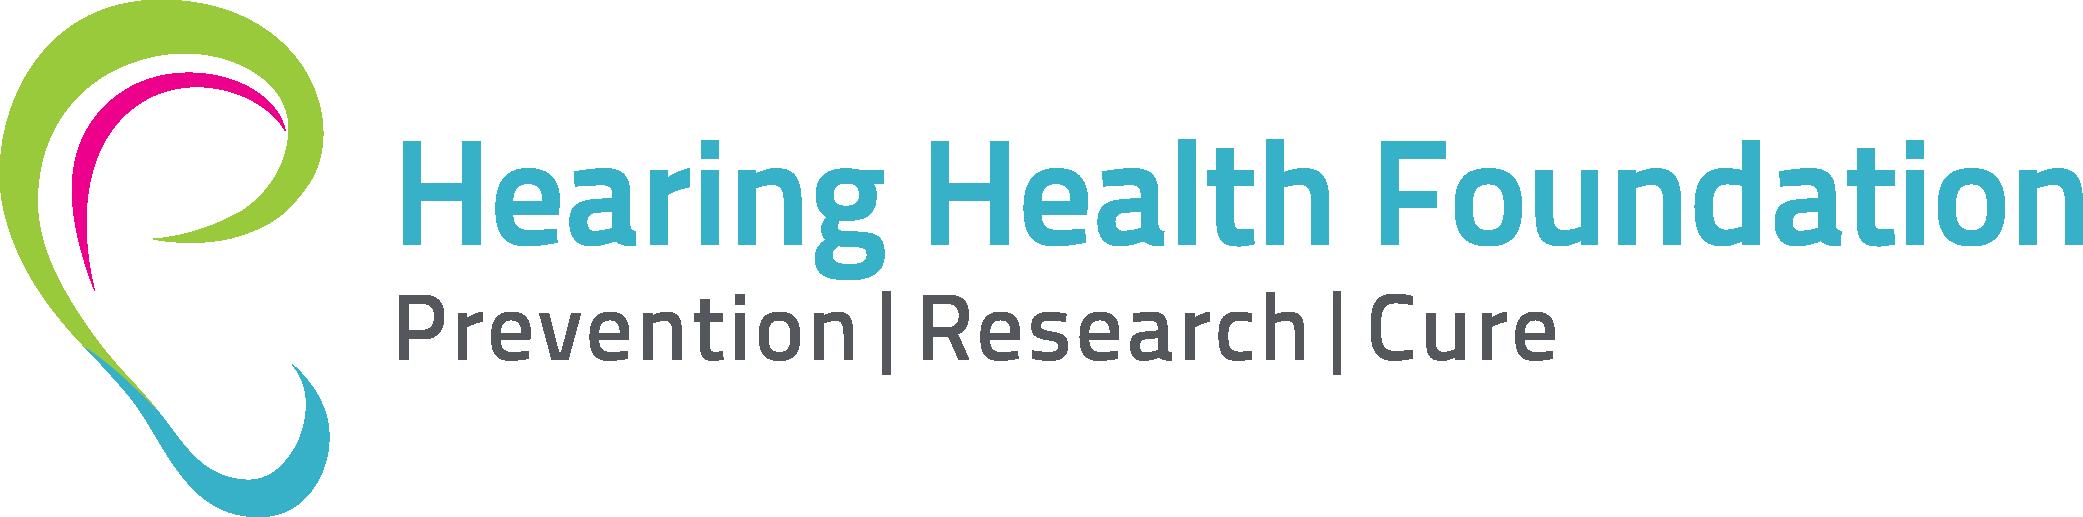 HHF_logo (1).png